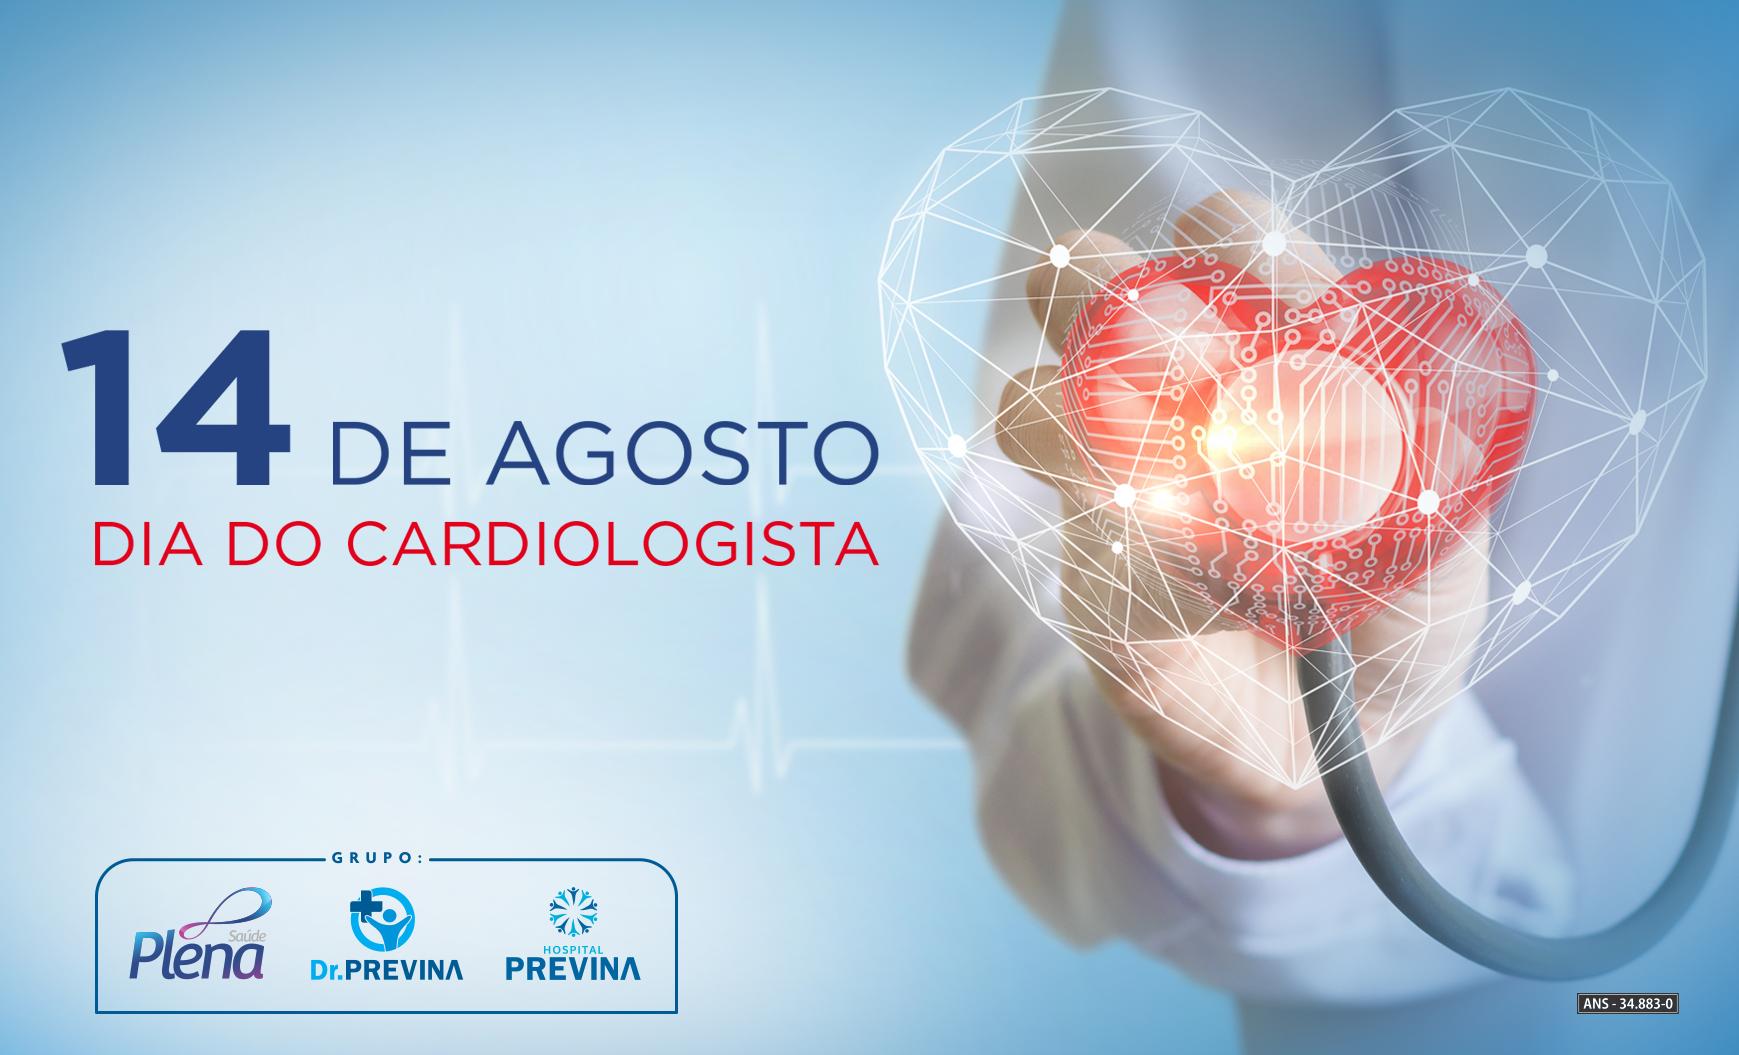 14 de agosto – Dia do Cardiologista